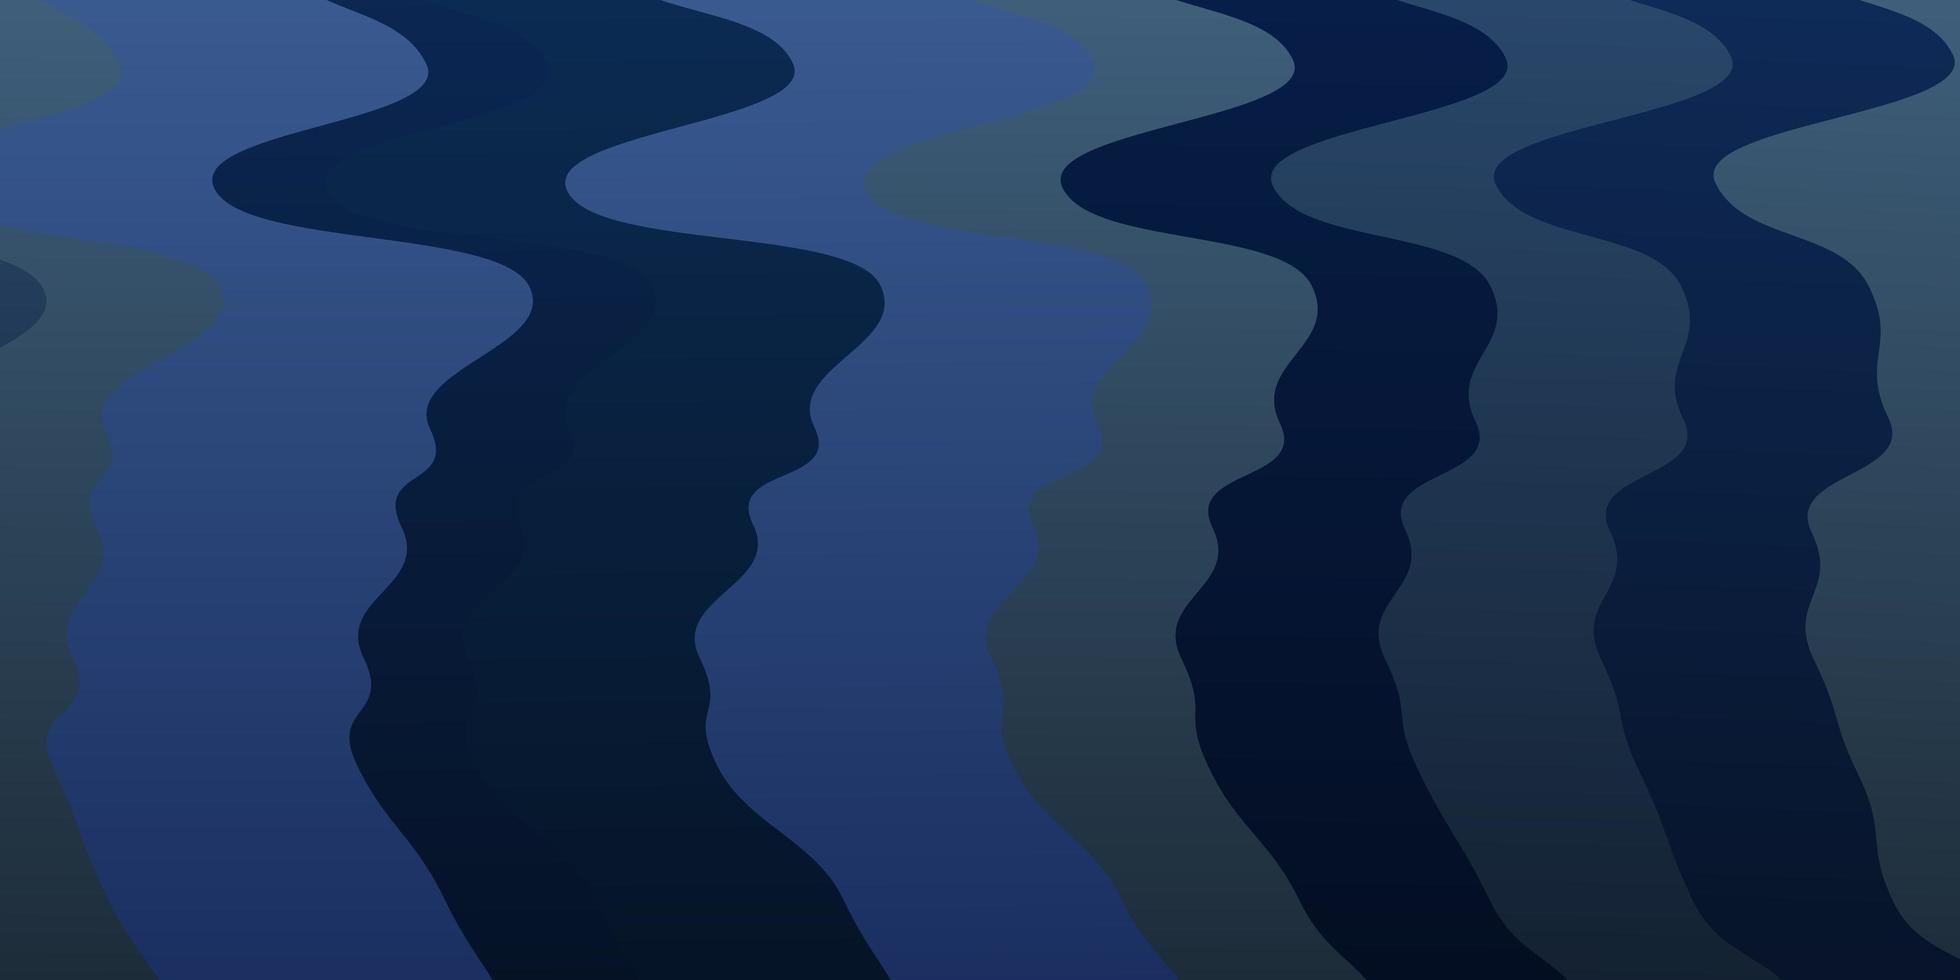 blaue Vorlage mit gekrümmten Linien. vektor